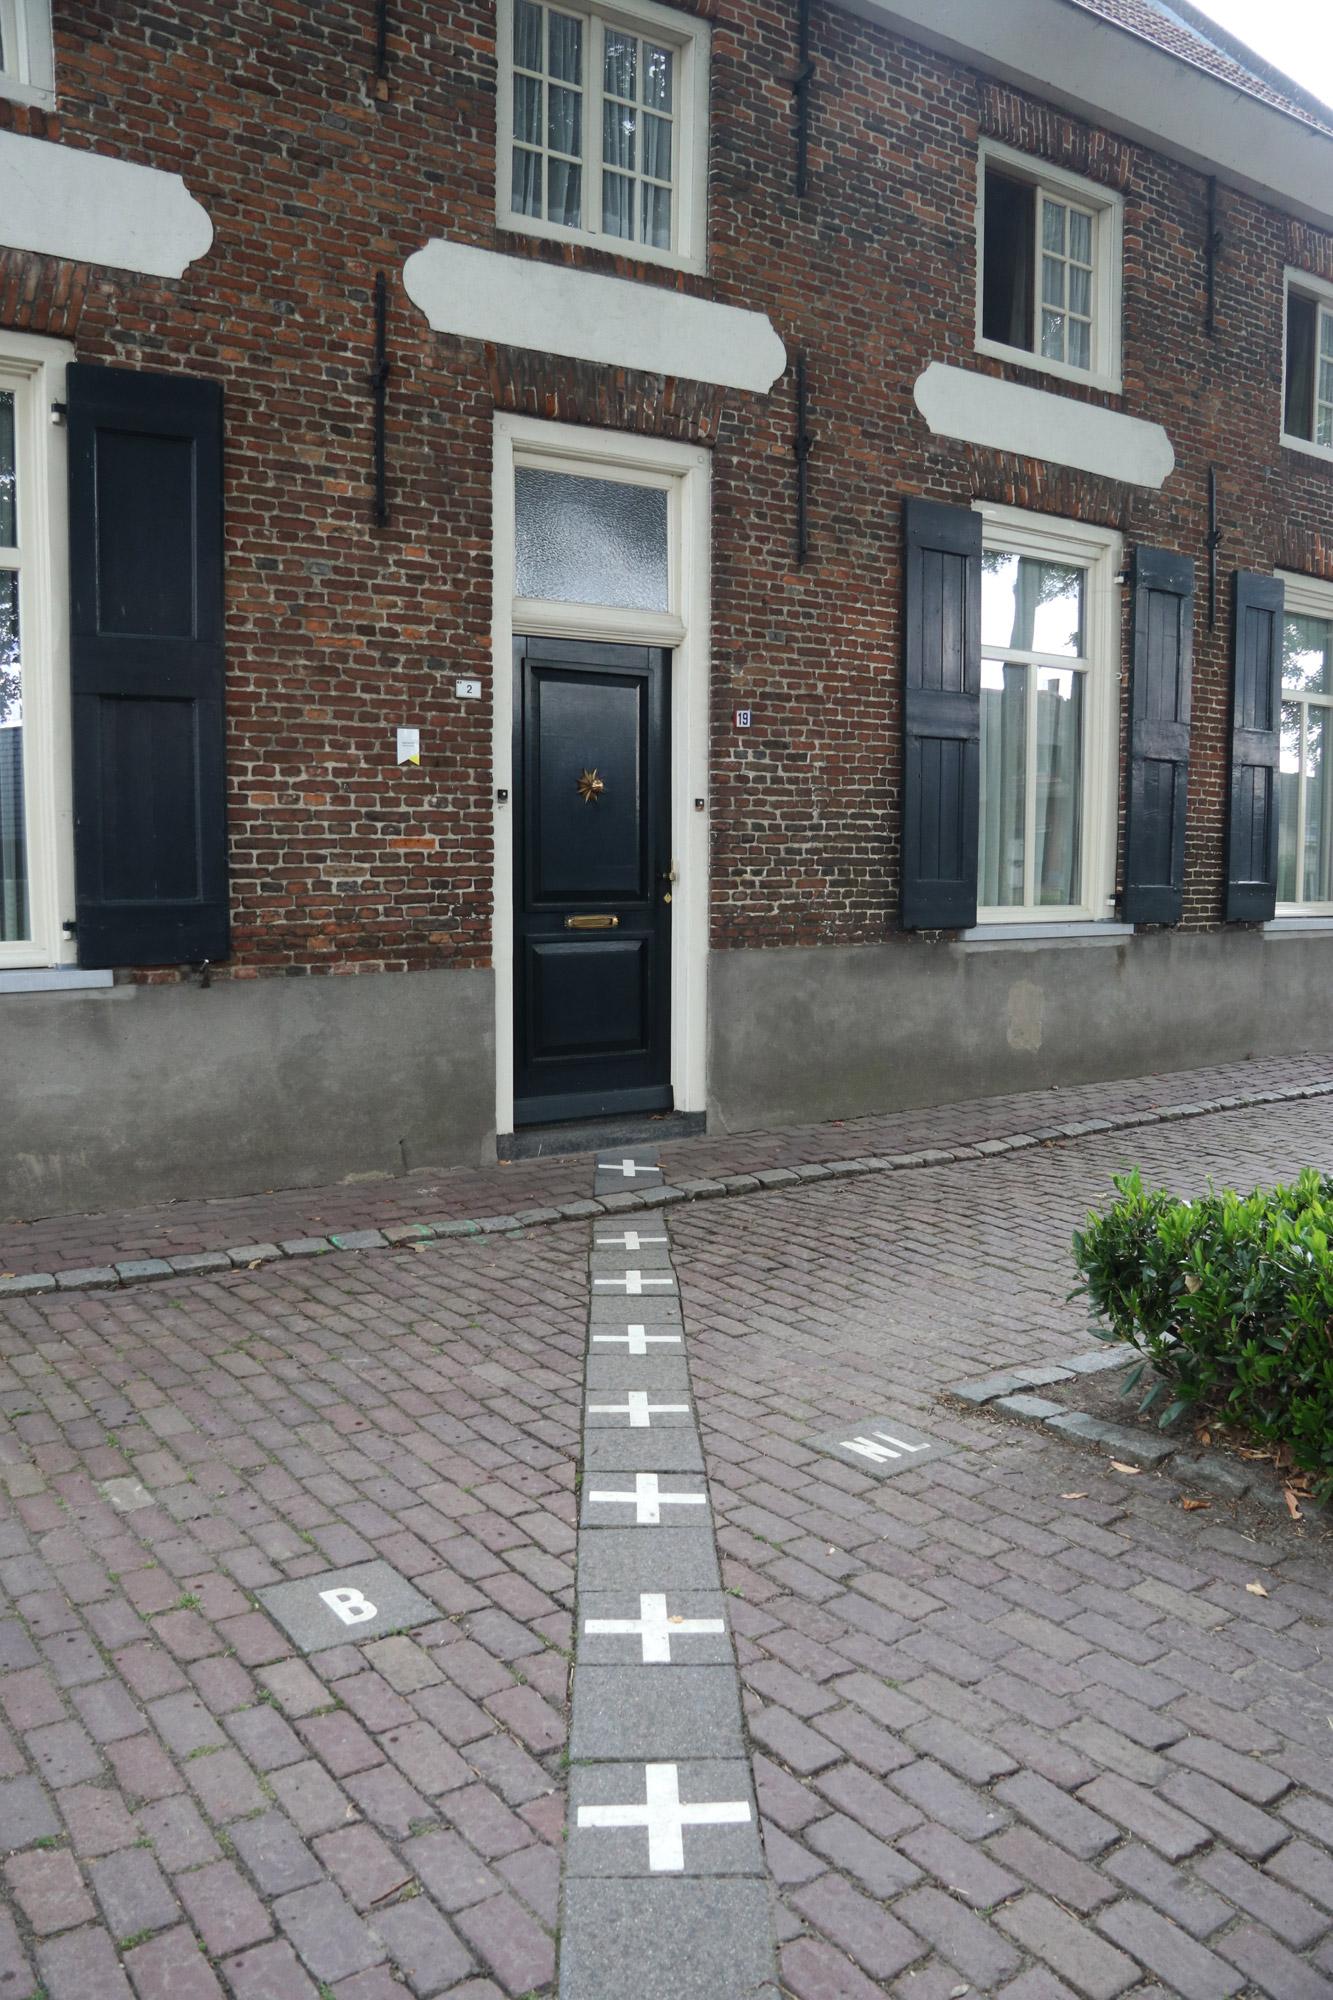 Een vreemd Nederlands/Belgisch dorp: Baarle - De grens loopt dwars door dit huis